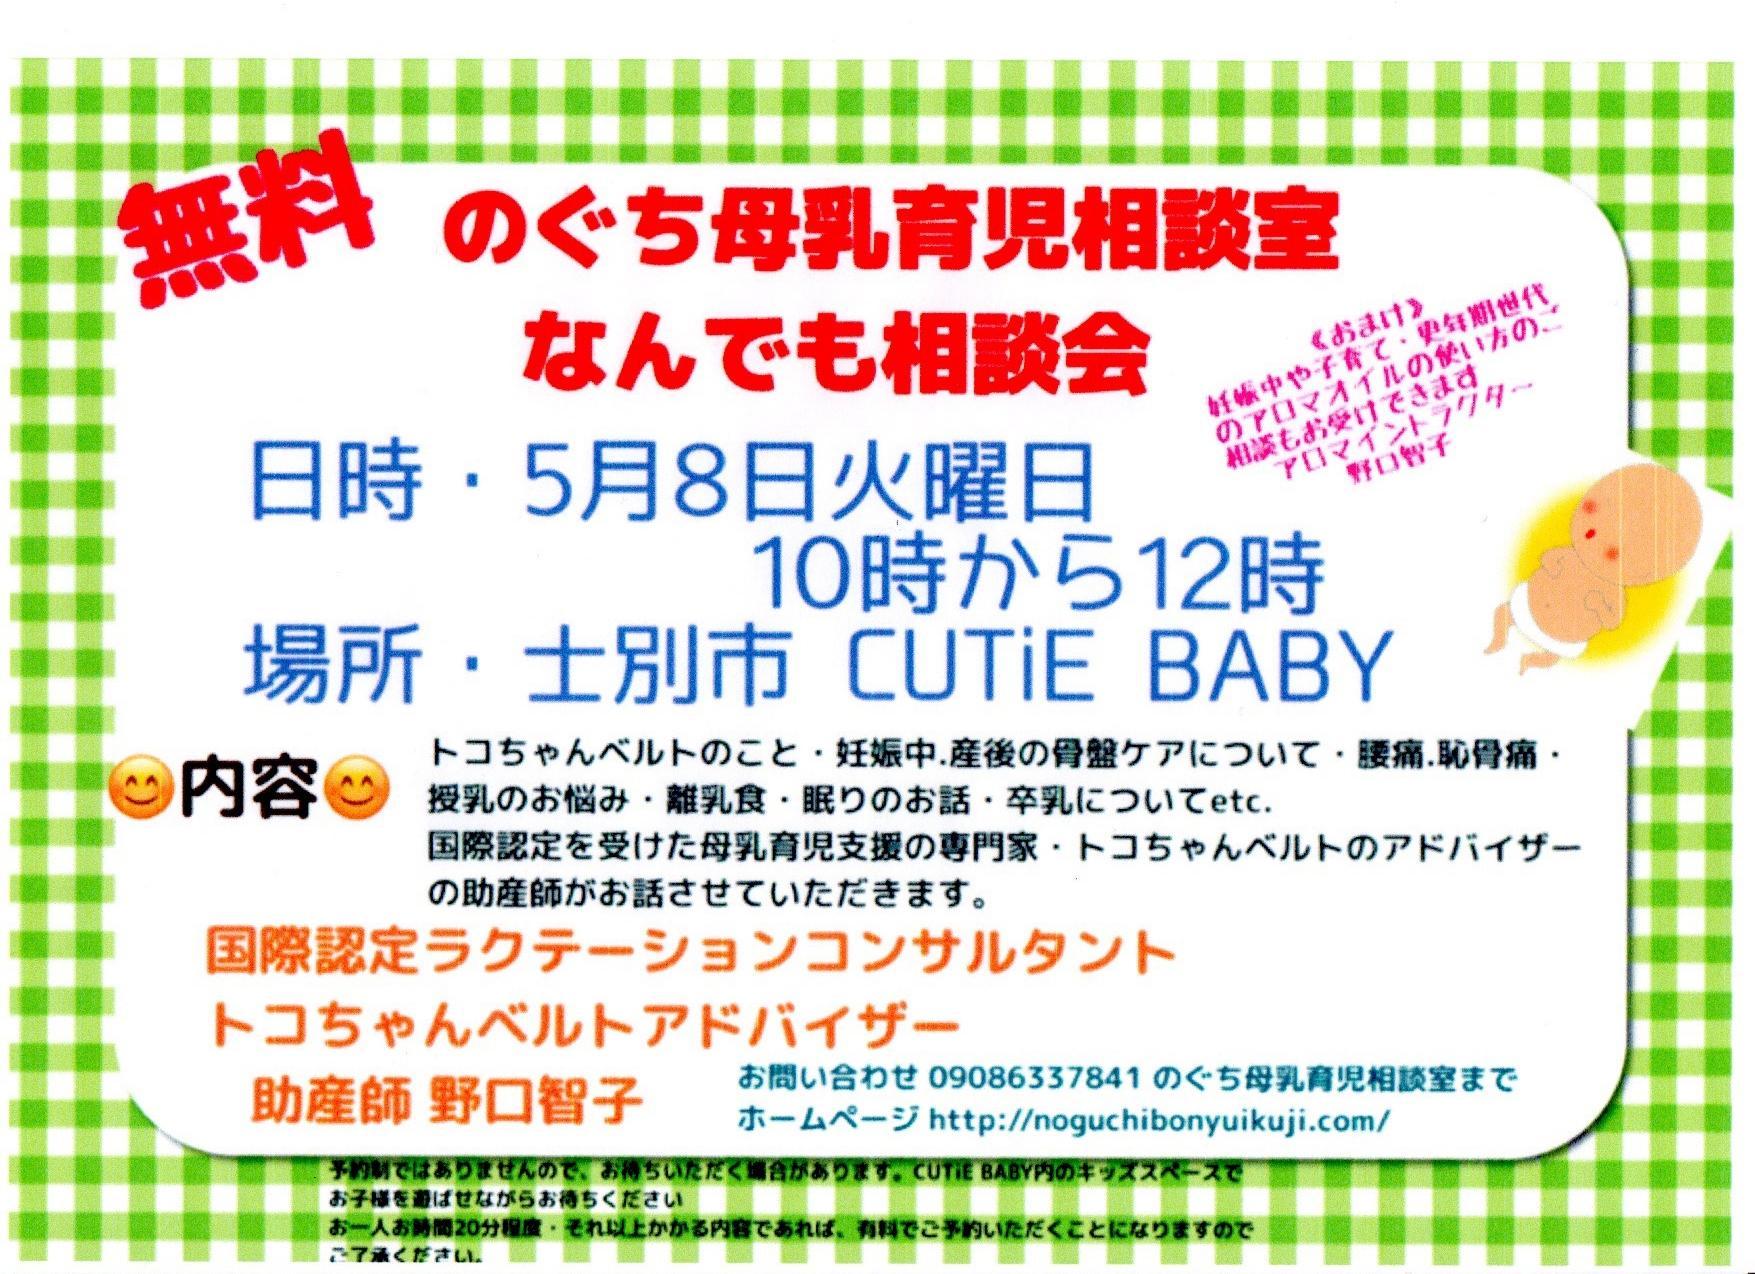 士別市 CUTiE BABY 無料育児相談会